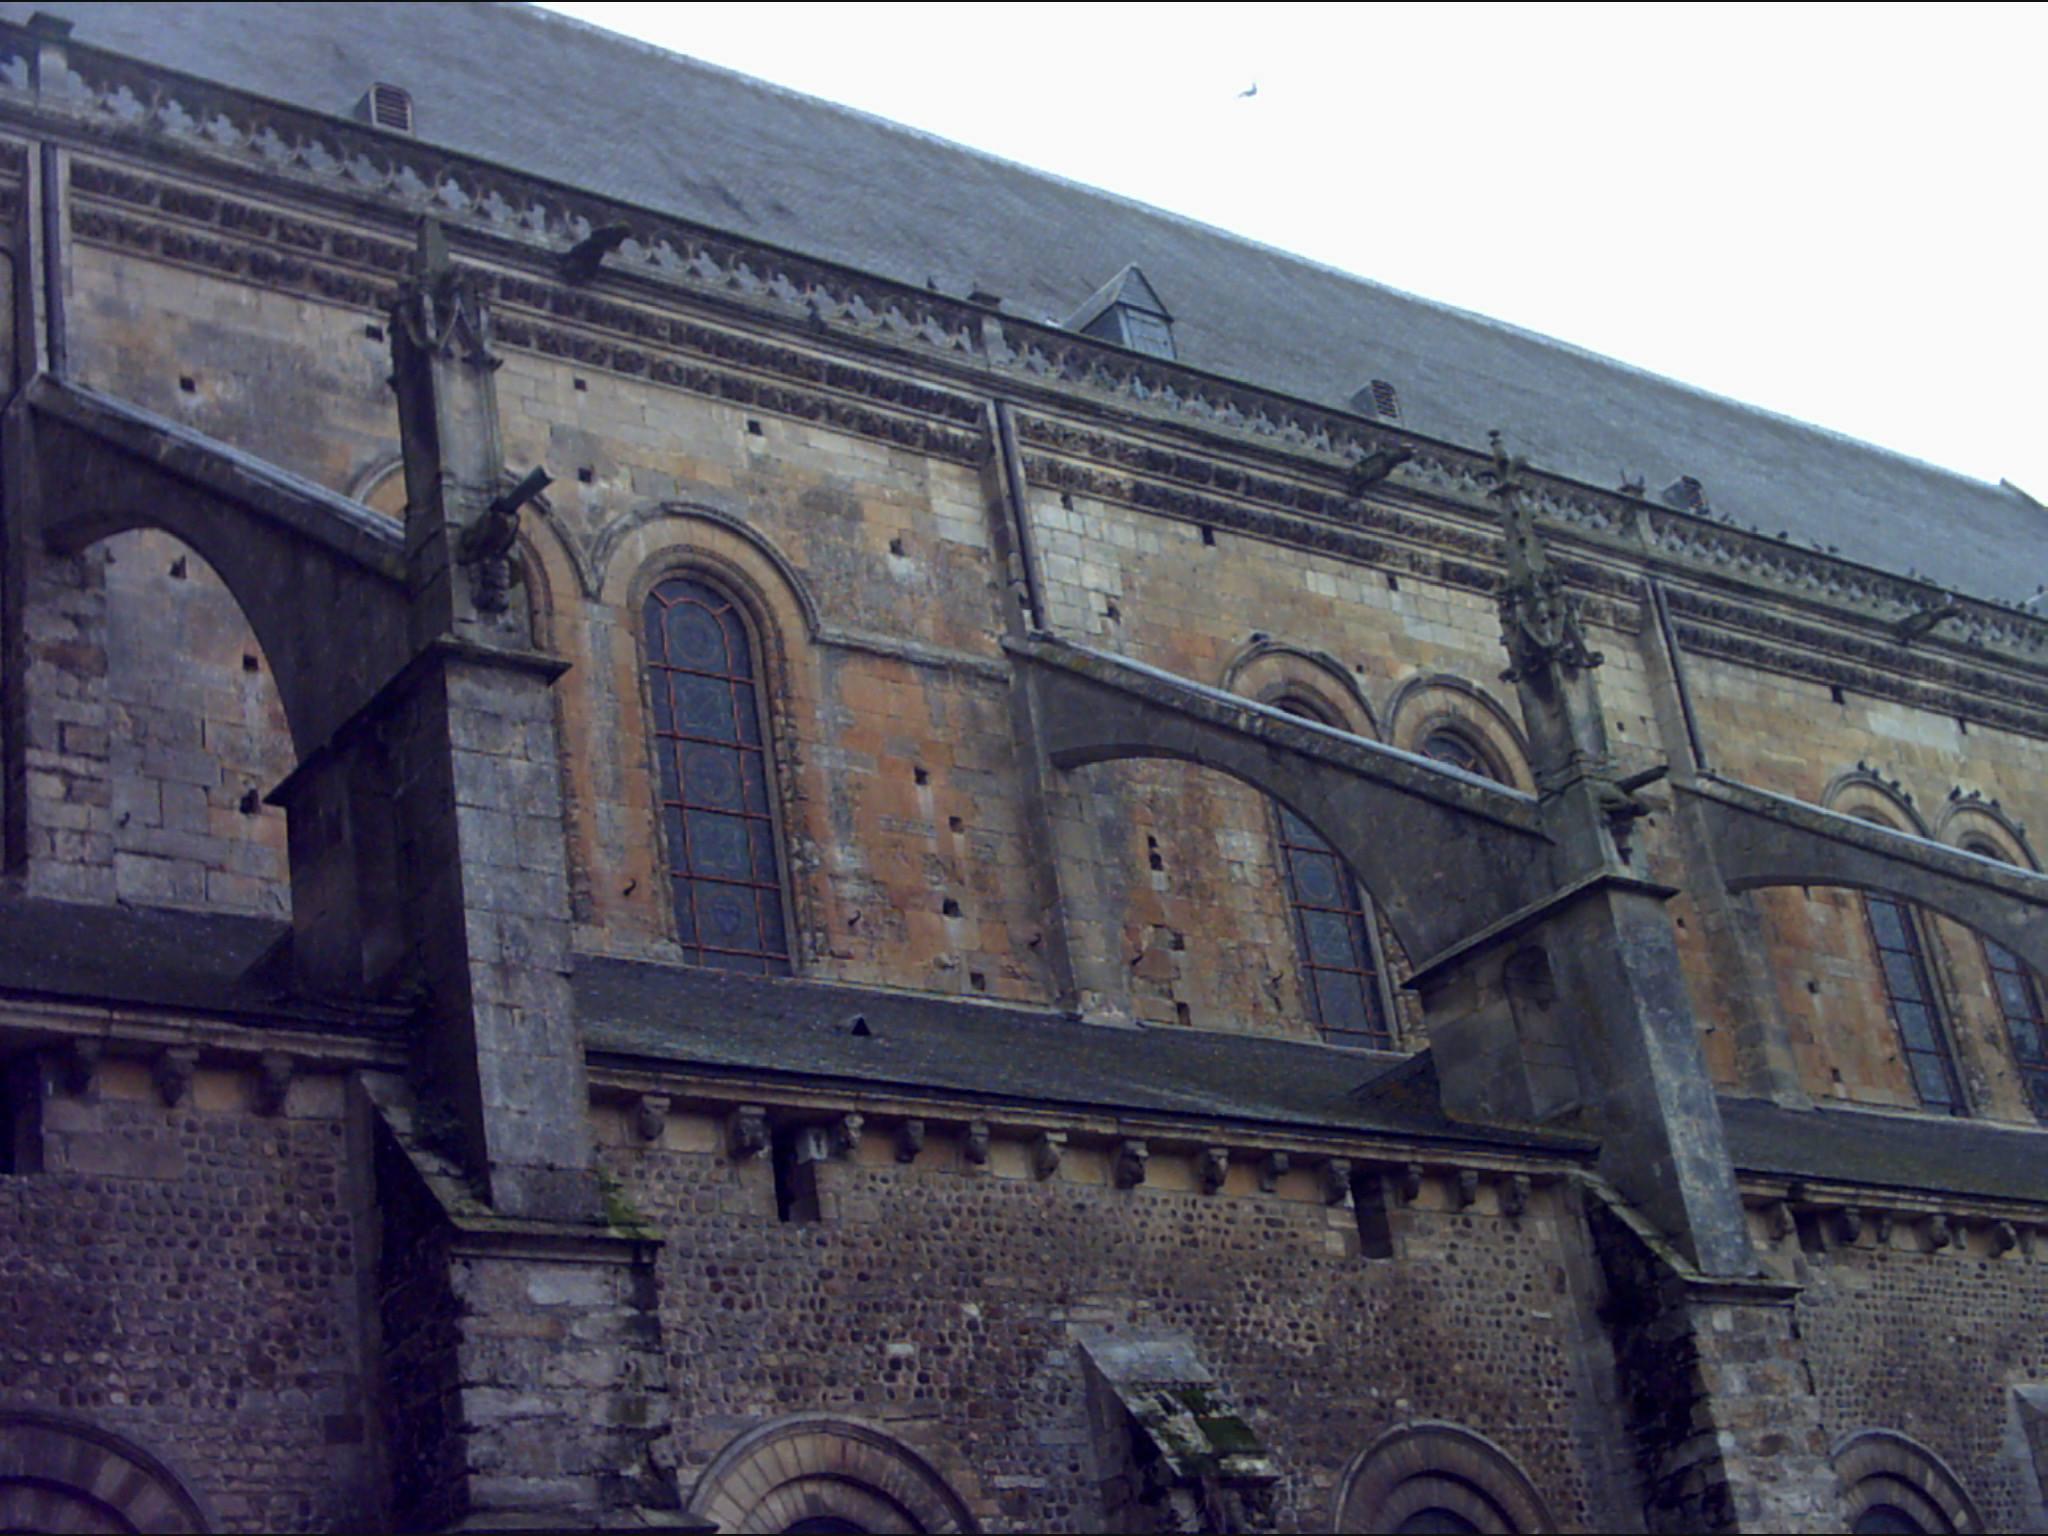 Le Mans en 2004 - Cathédrale Saint Julien 07